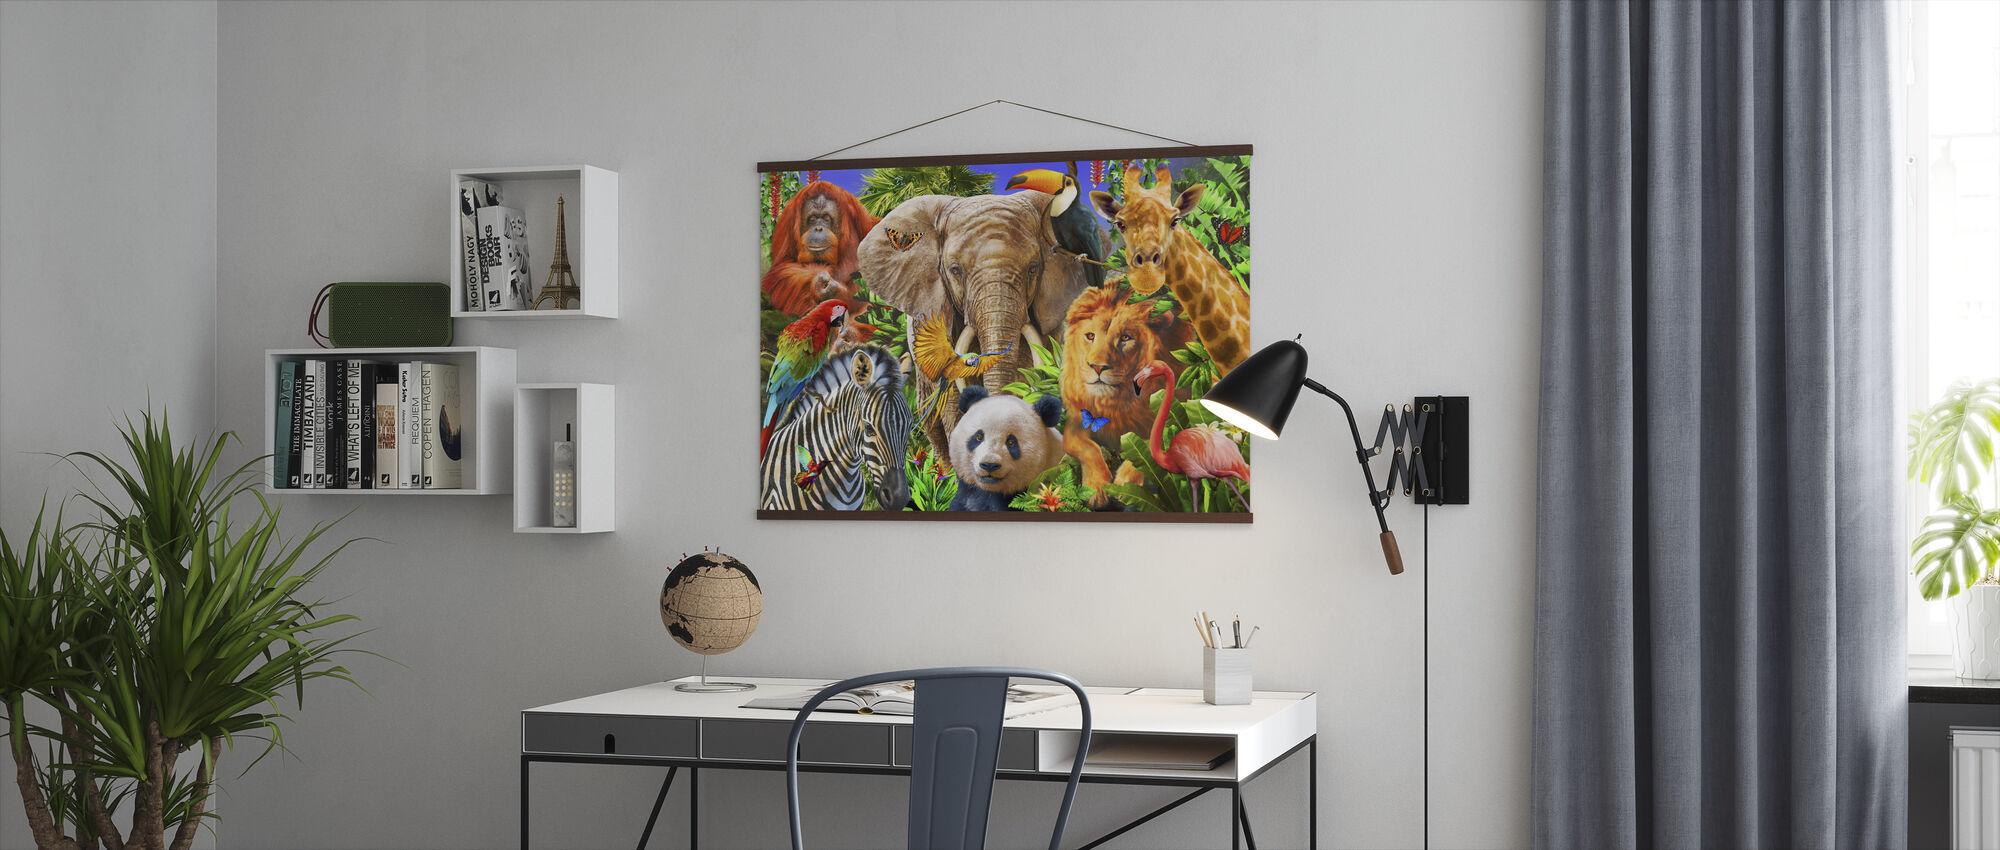 Dyr for barn - Plakat - Kontor